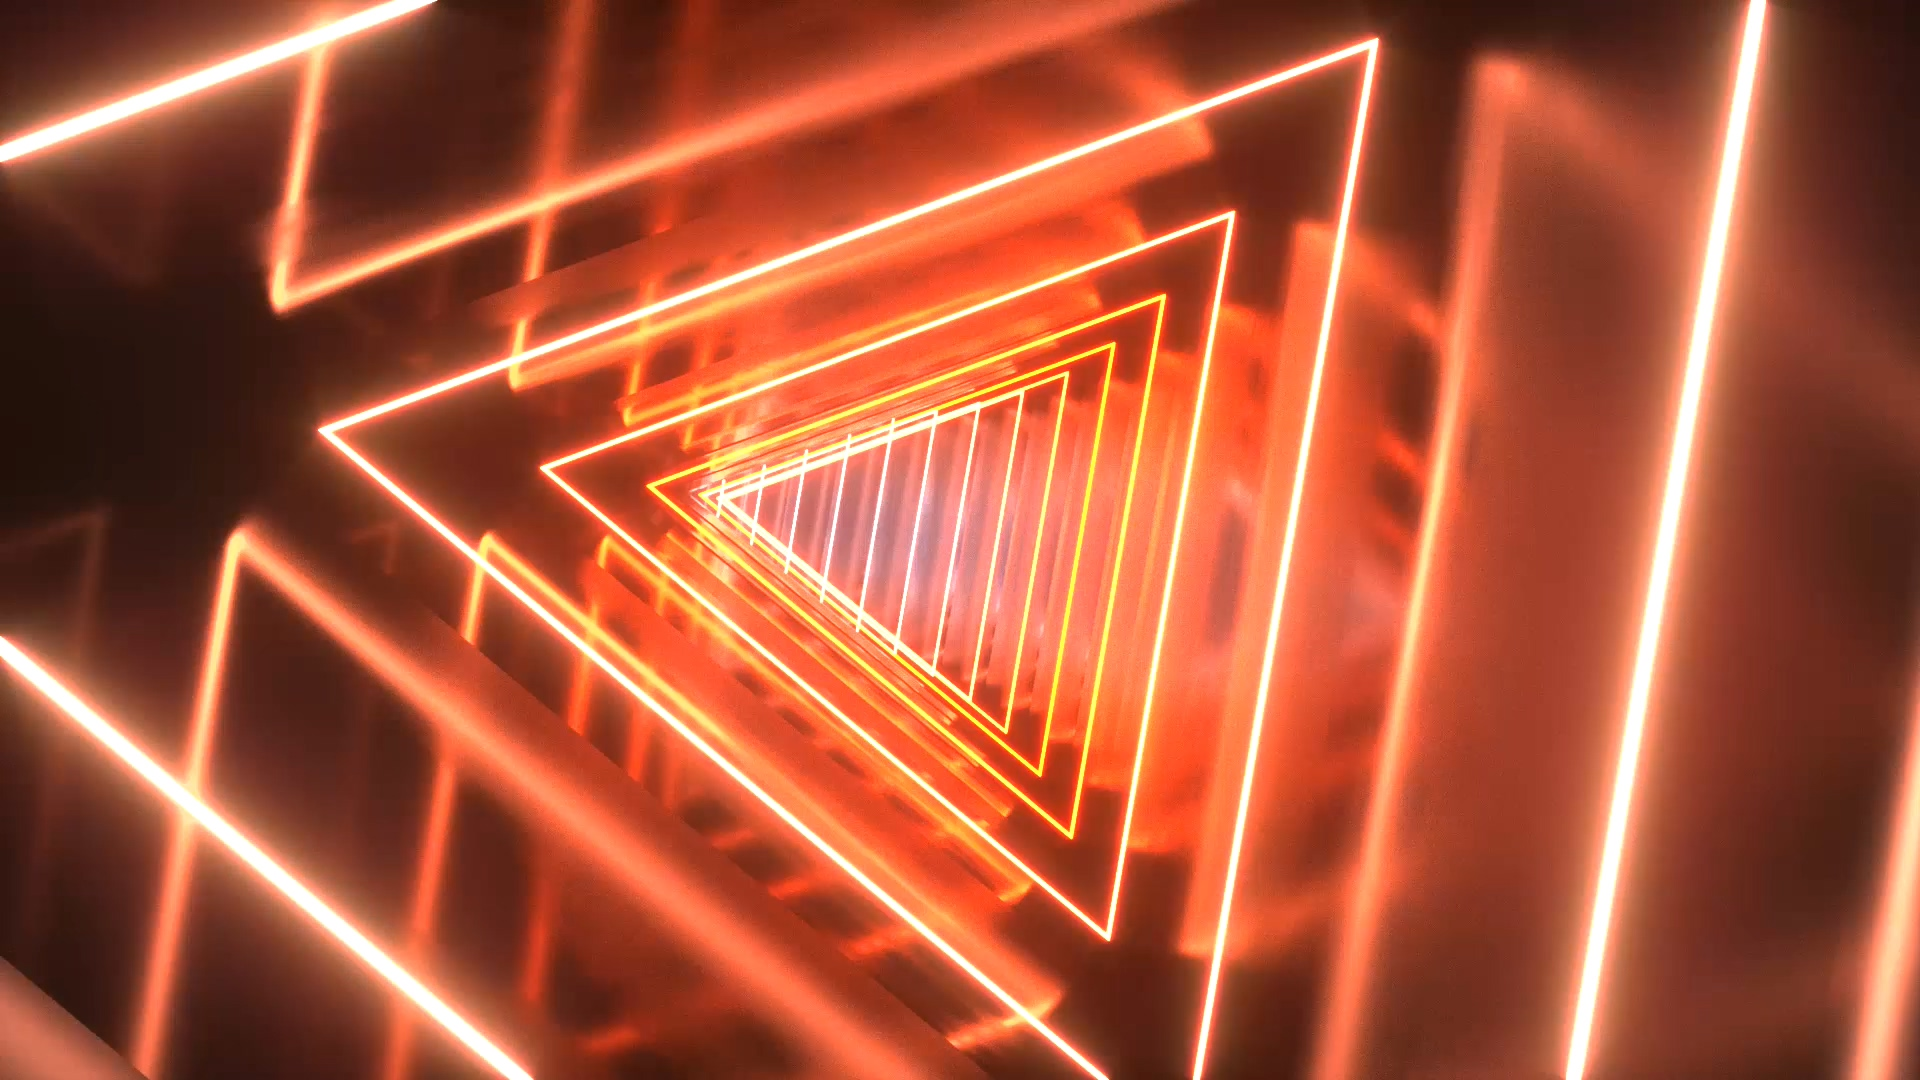 KatZhu_Spectrum_08